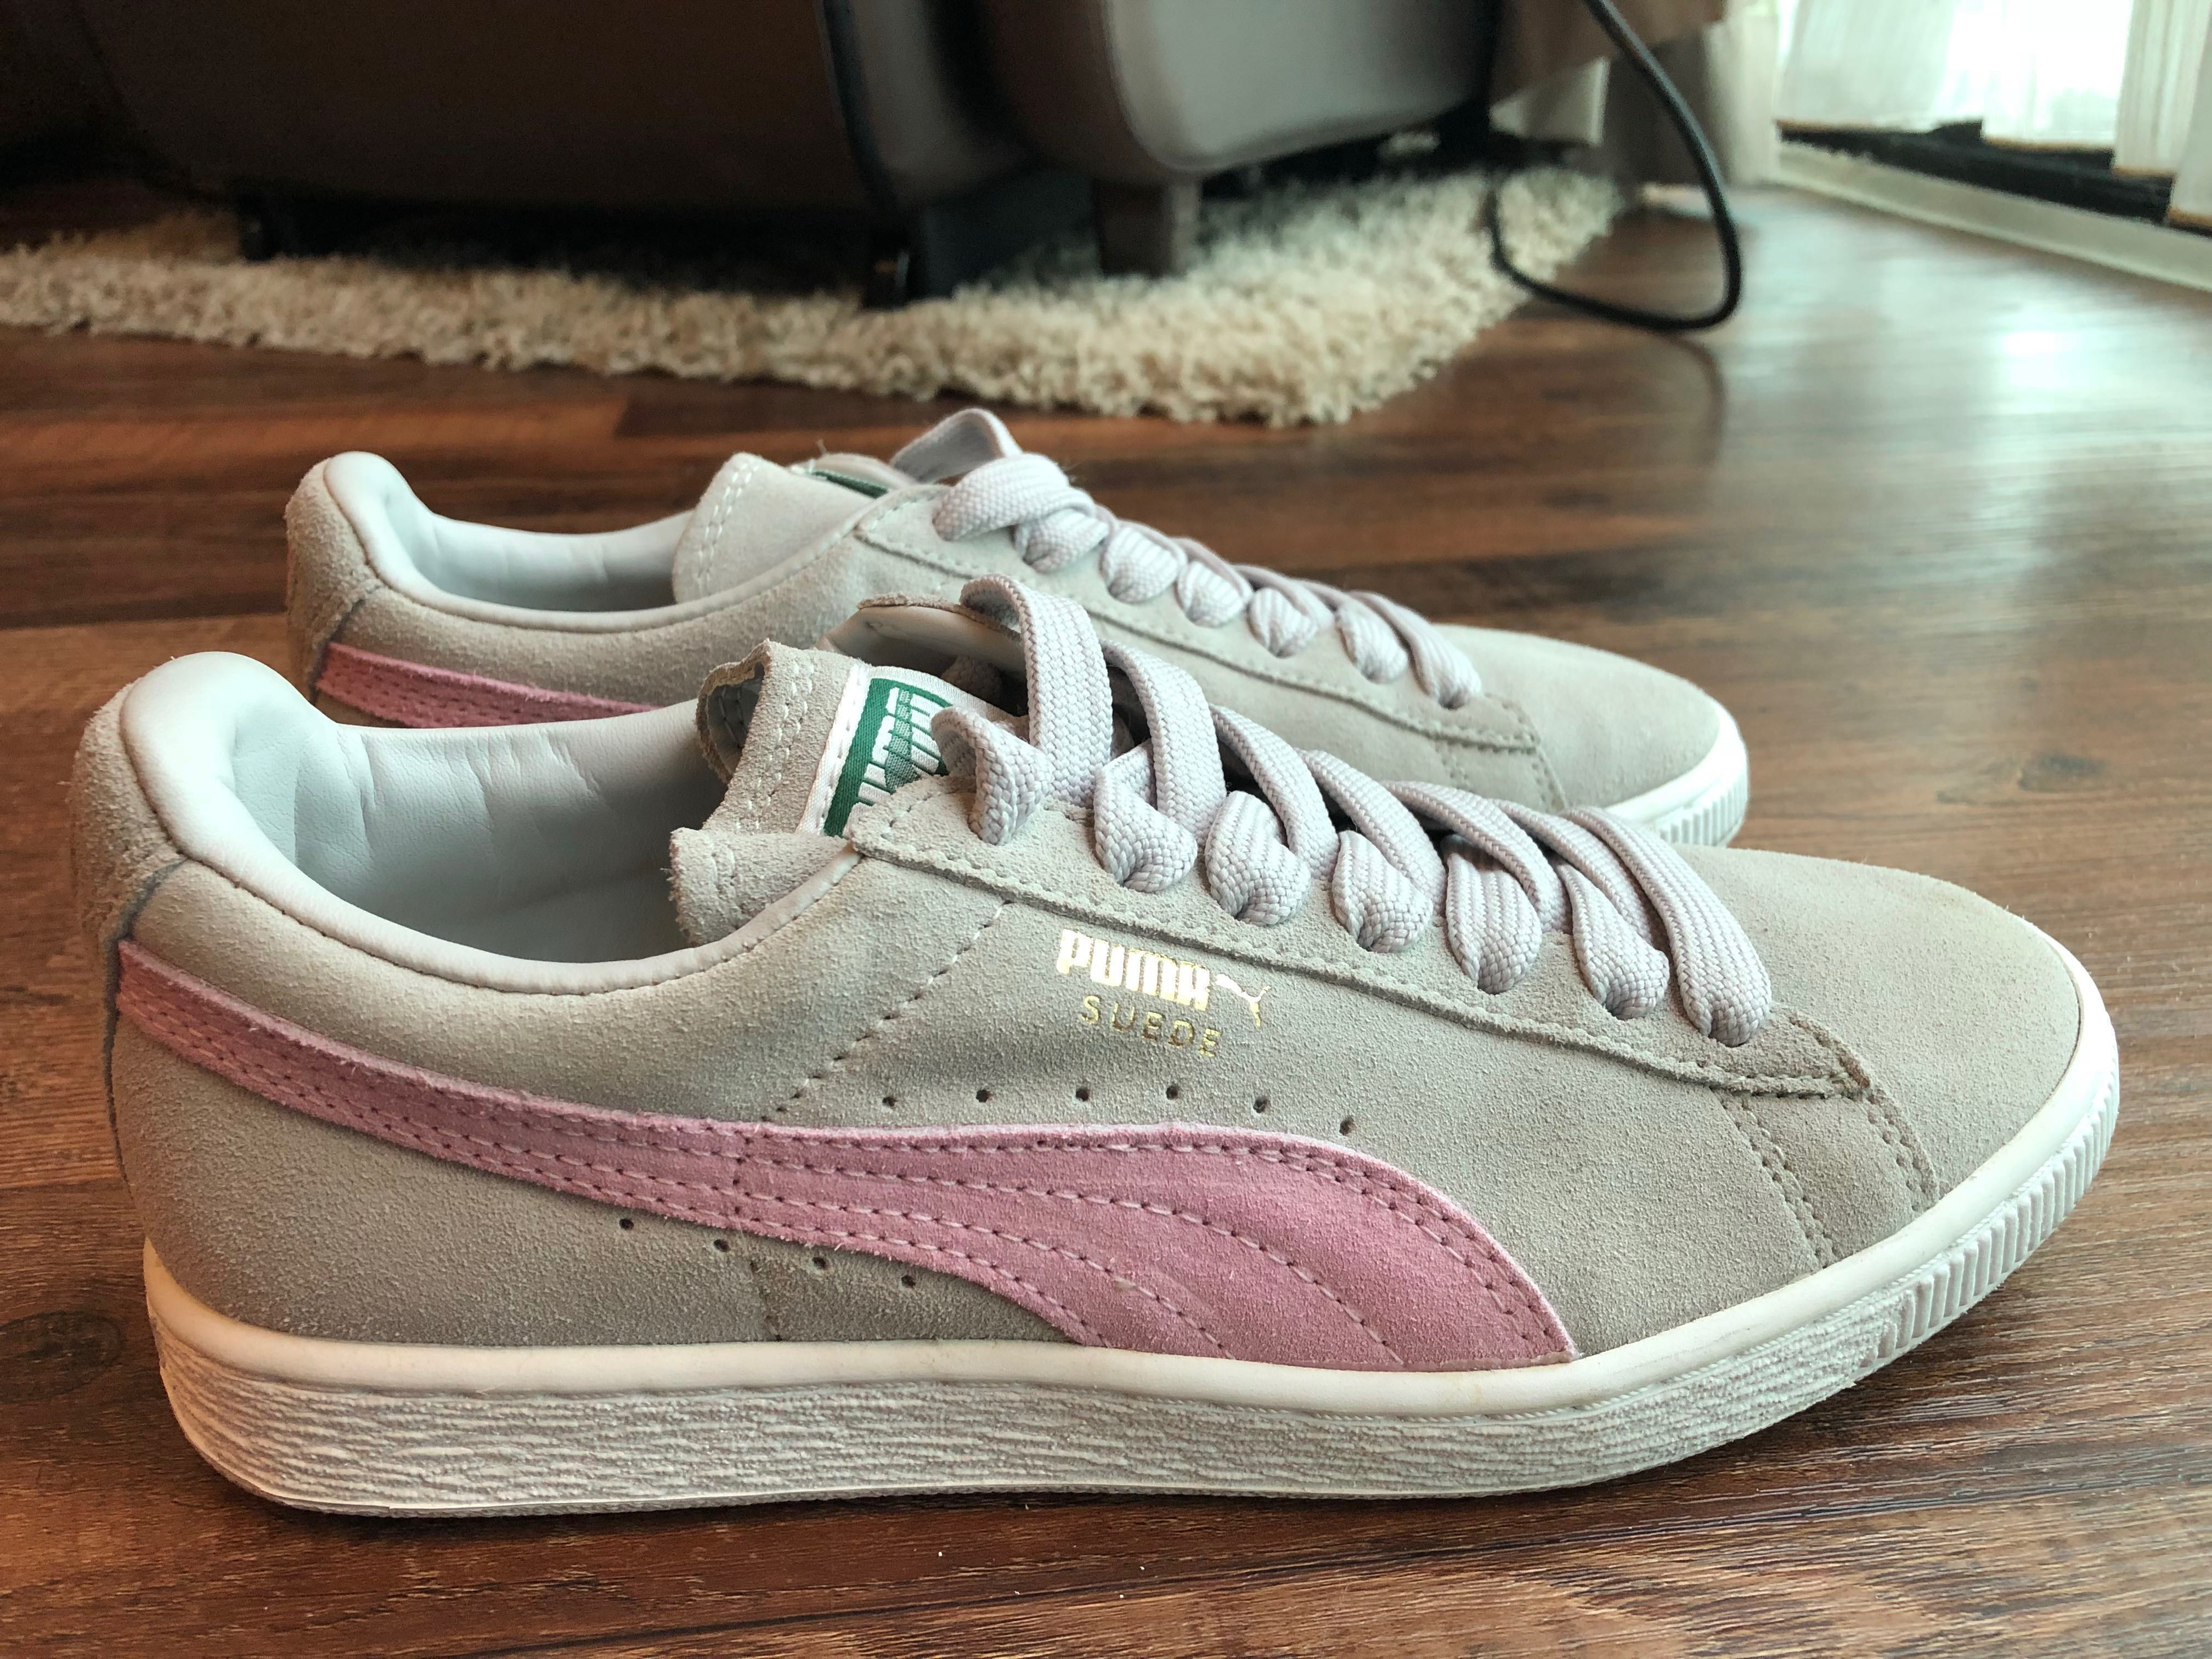 4e863299825571 Original Women s Puma Suede Sneakers